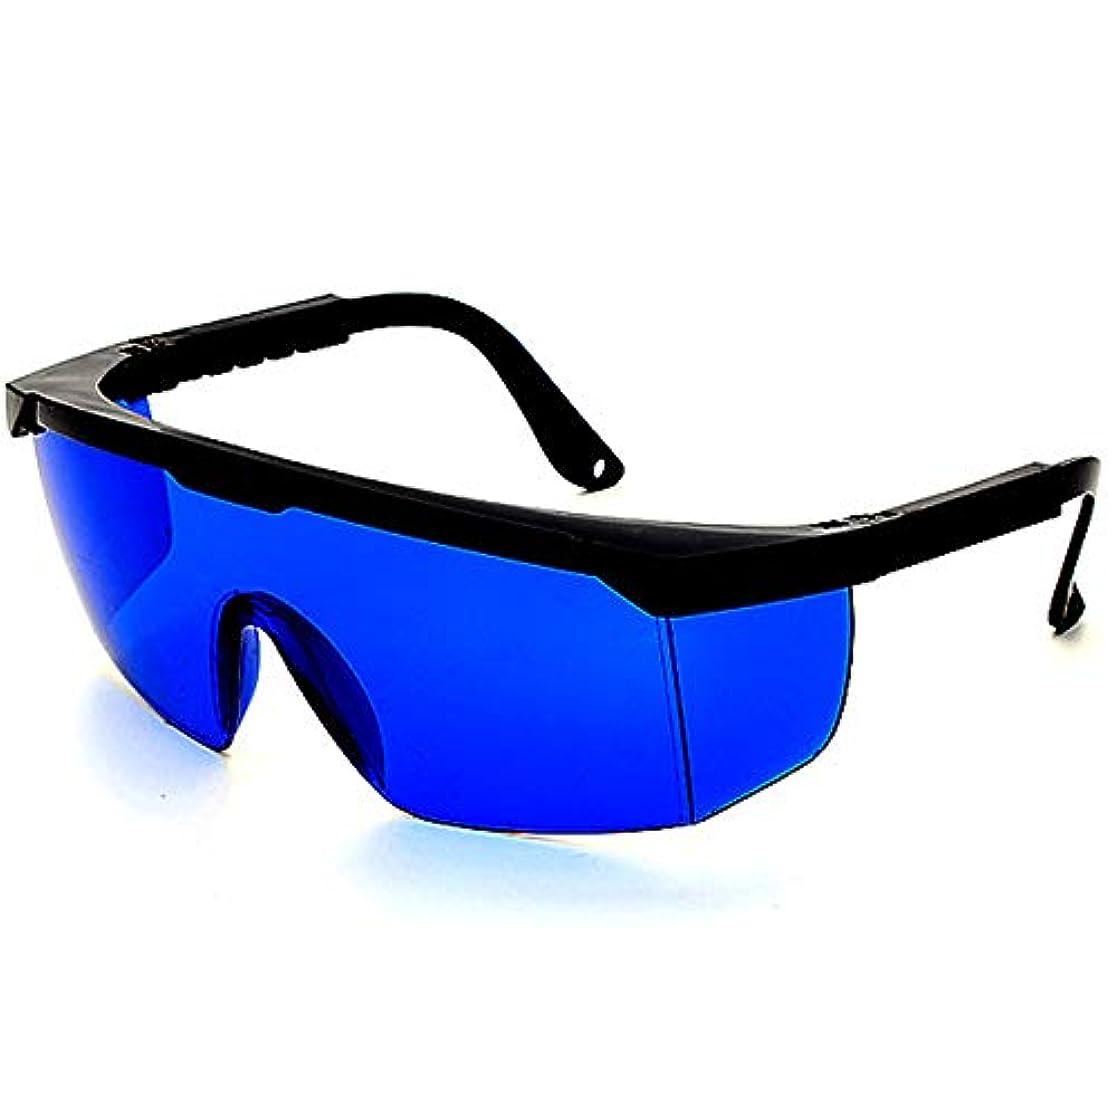 追い出す抽出連結するレーザー保護メガネIPL美容機器メガネ、レーザーメガネ - 2組のパルス光保護メガネ。